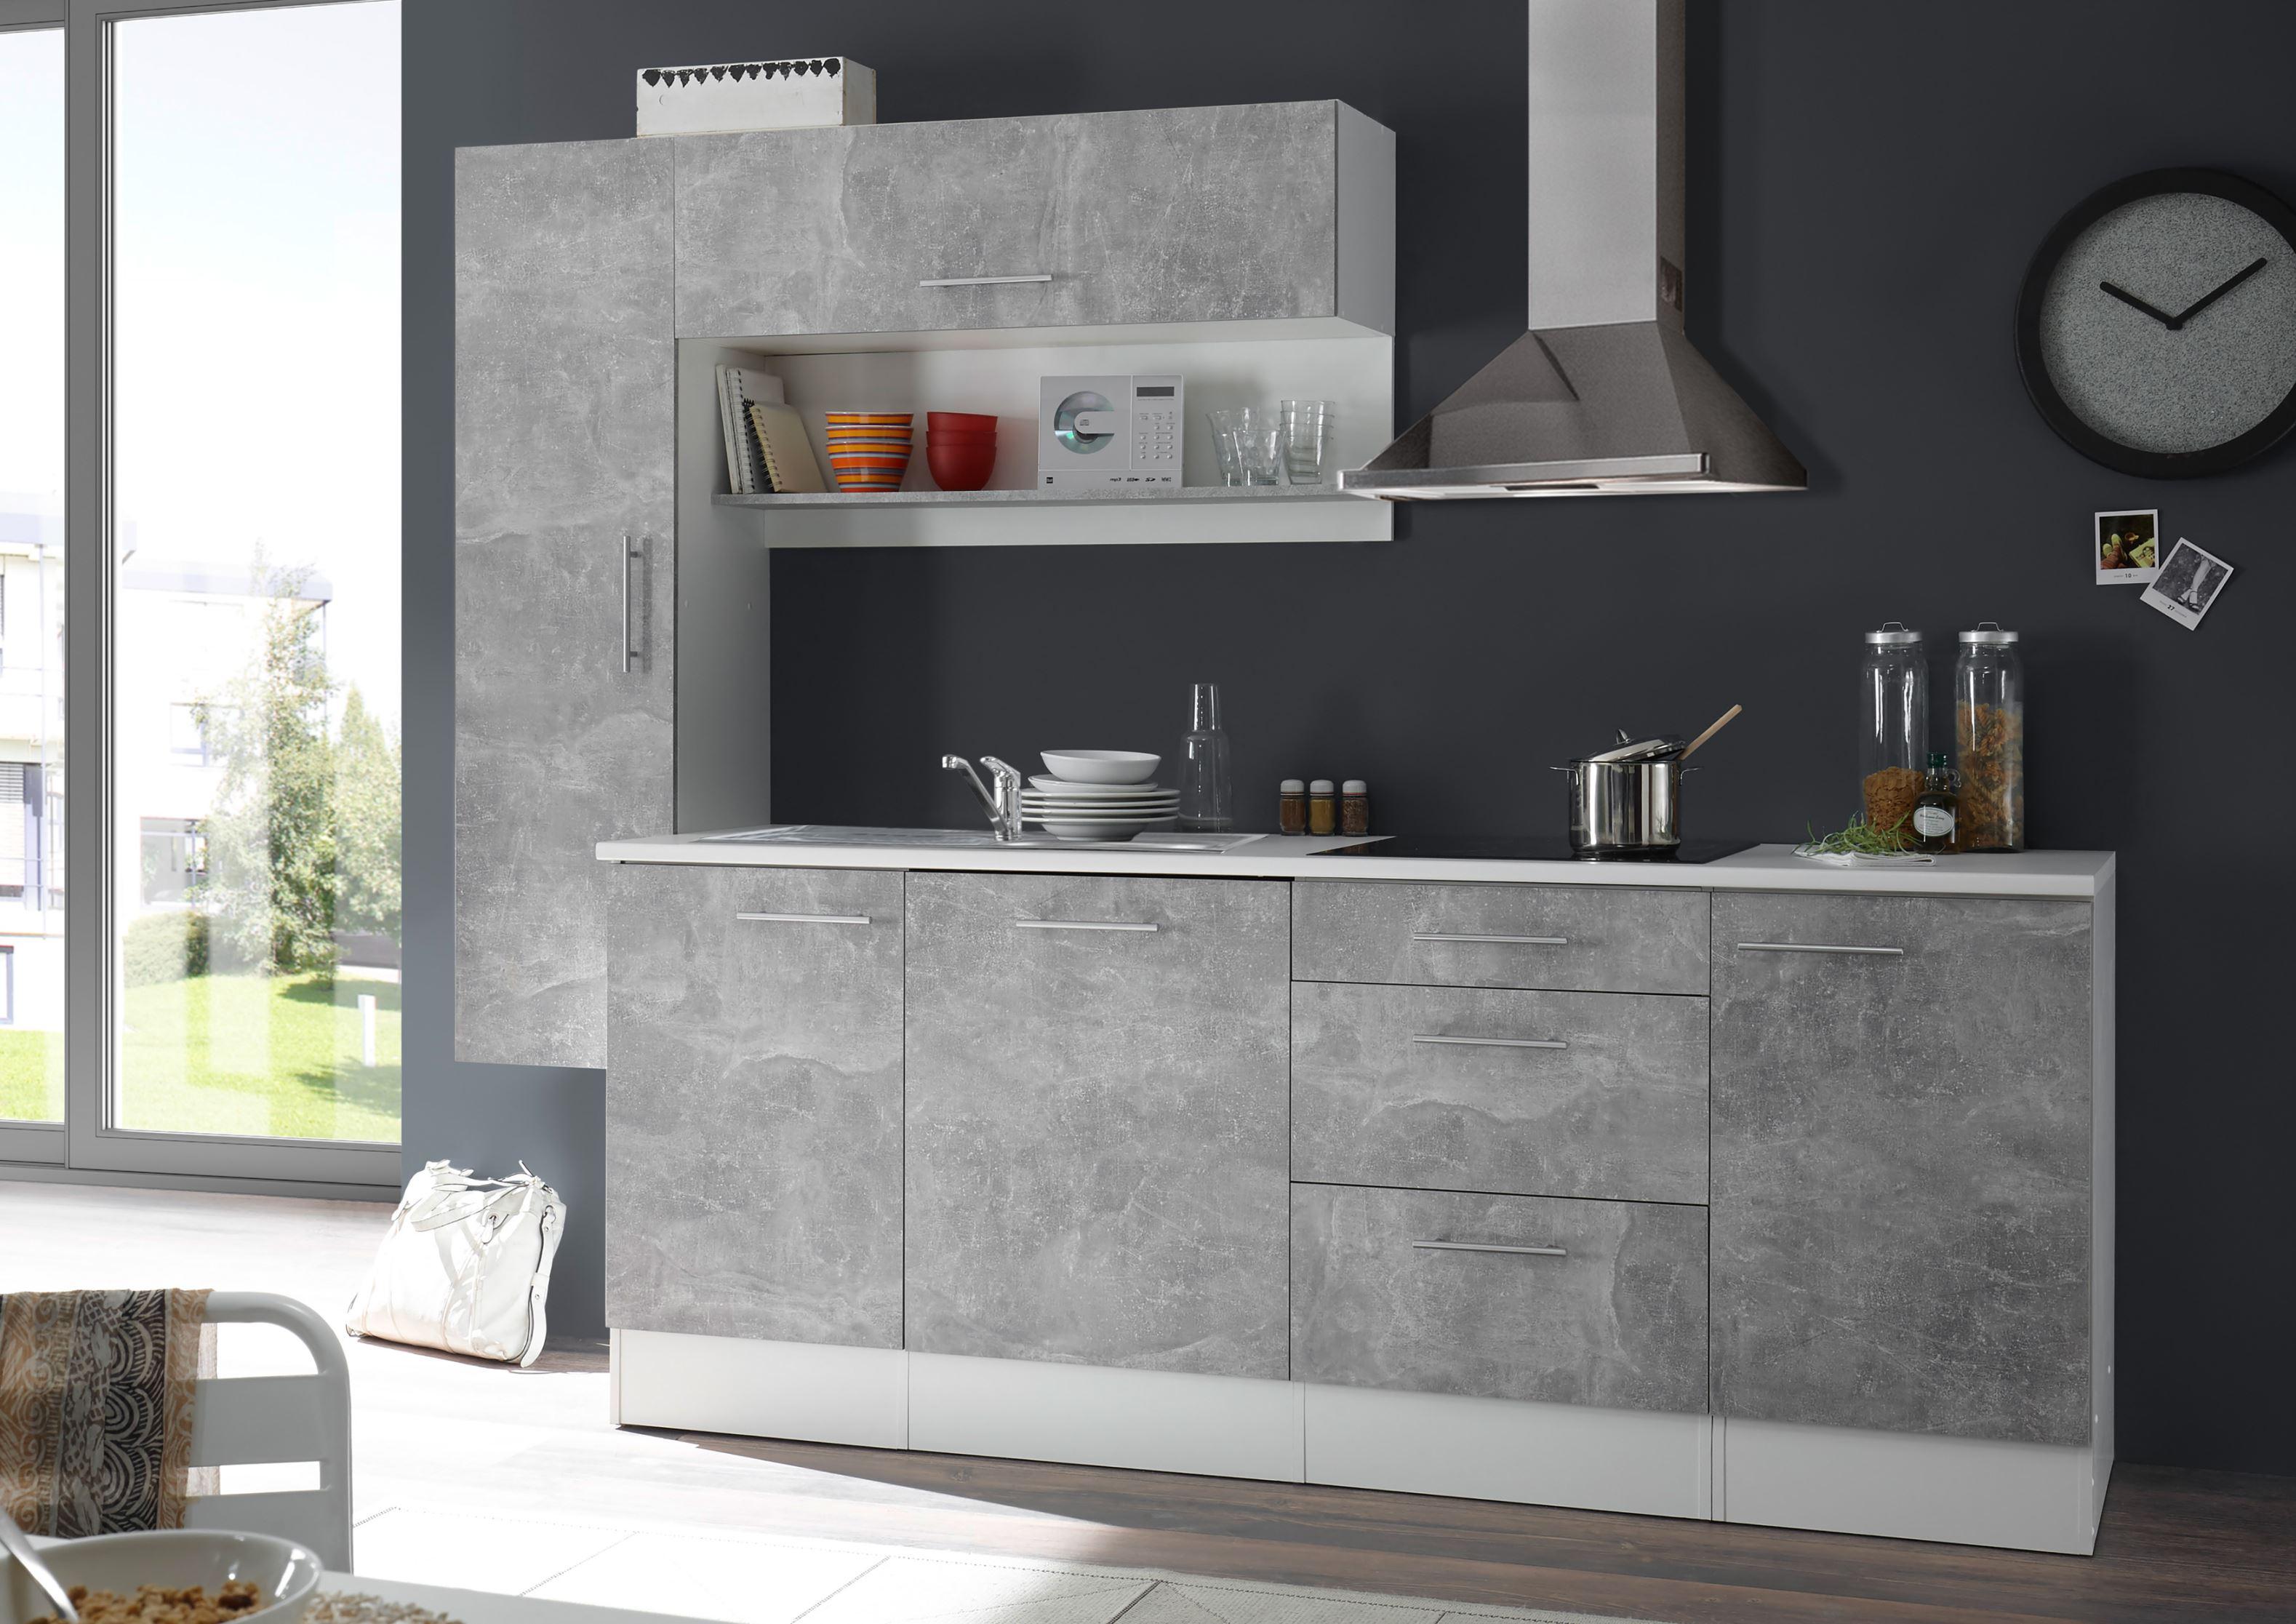 küche küchenblock küchenzeile 260cm einbauküche miniküche